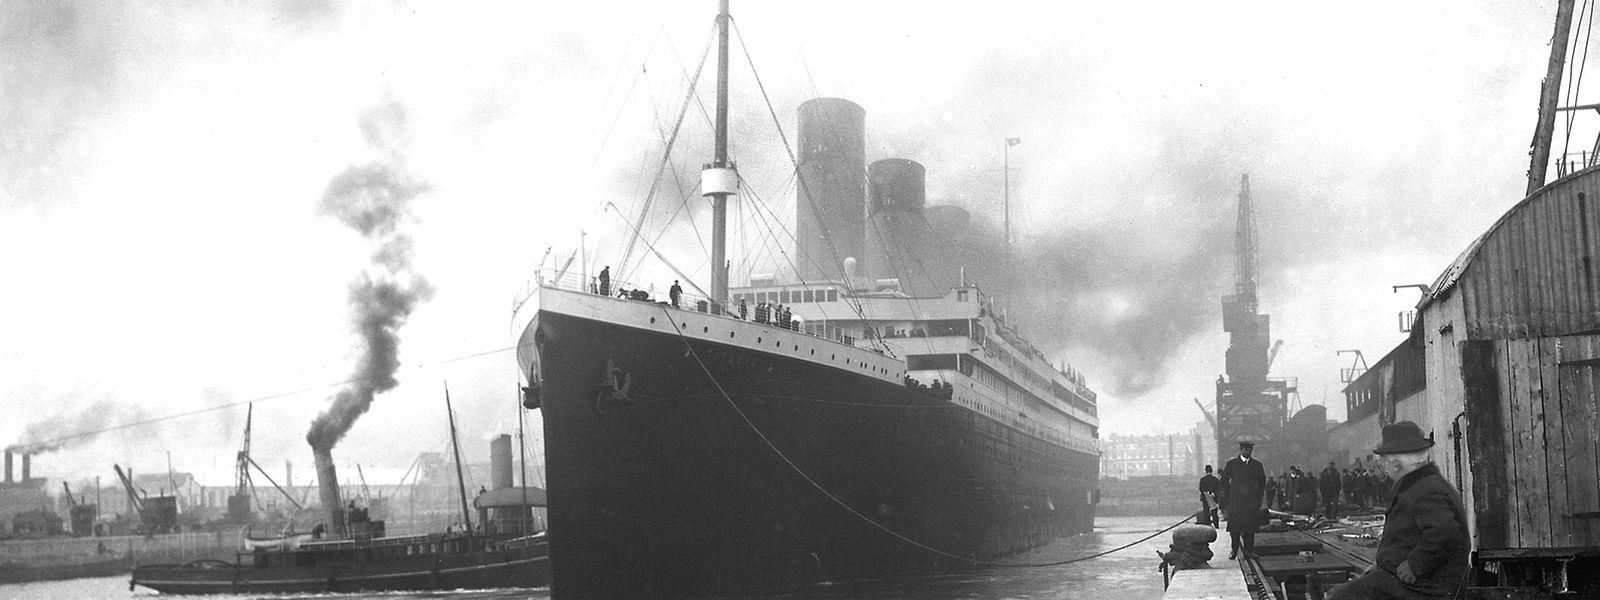 Die Titanic vor dem Auslaufen in Southampton. Nach Molonys Theorie soll es zu diesem Zeitpunkt bereits seit Tagen im Kohlenbunker gebrannt haben.